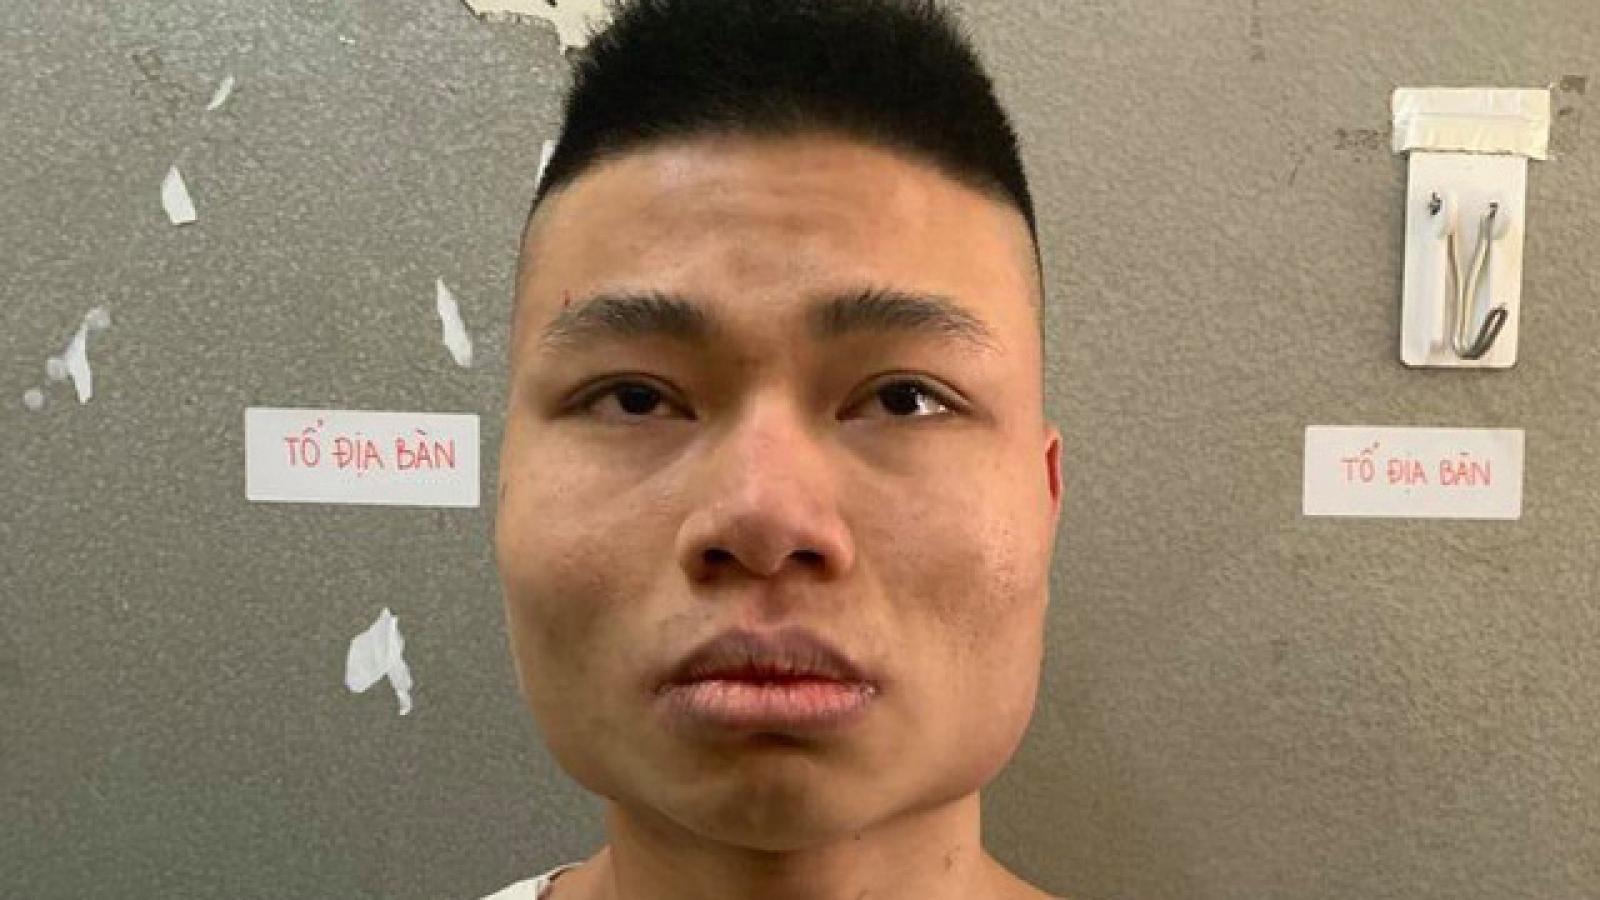 Bắt khẩn cấp đối tượng hiếp dâm nữ sinh trong thang bộ chung cư ở Hà Nội